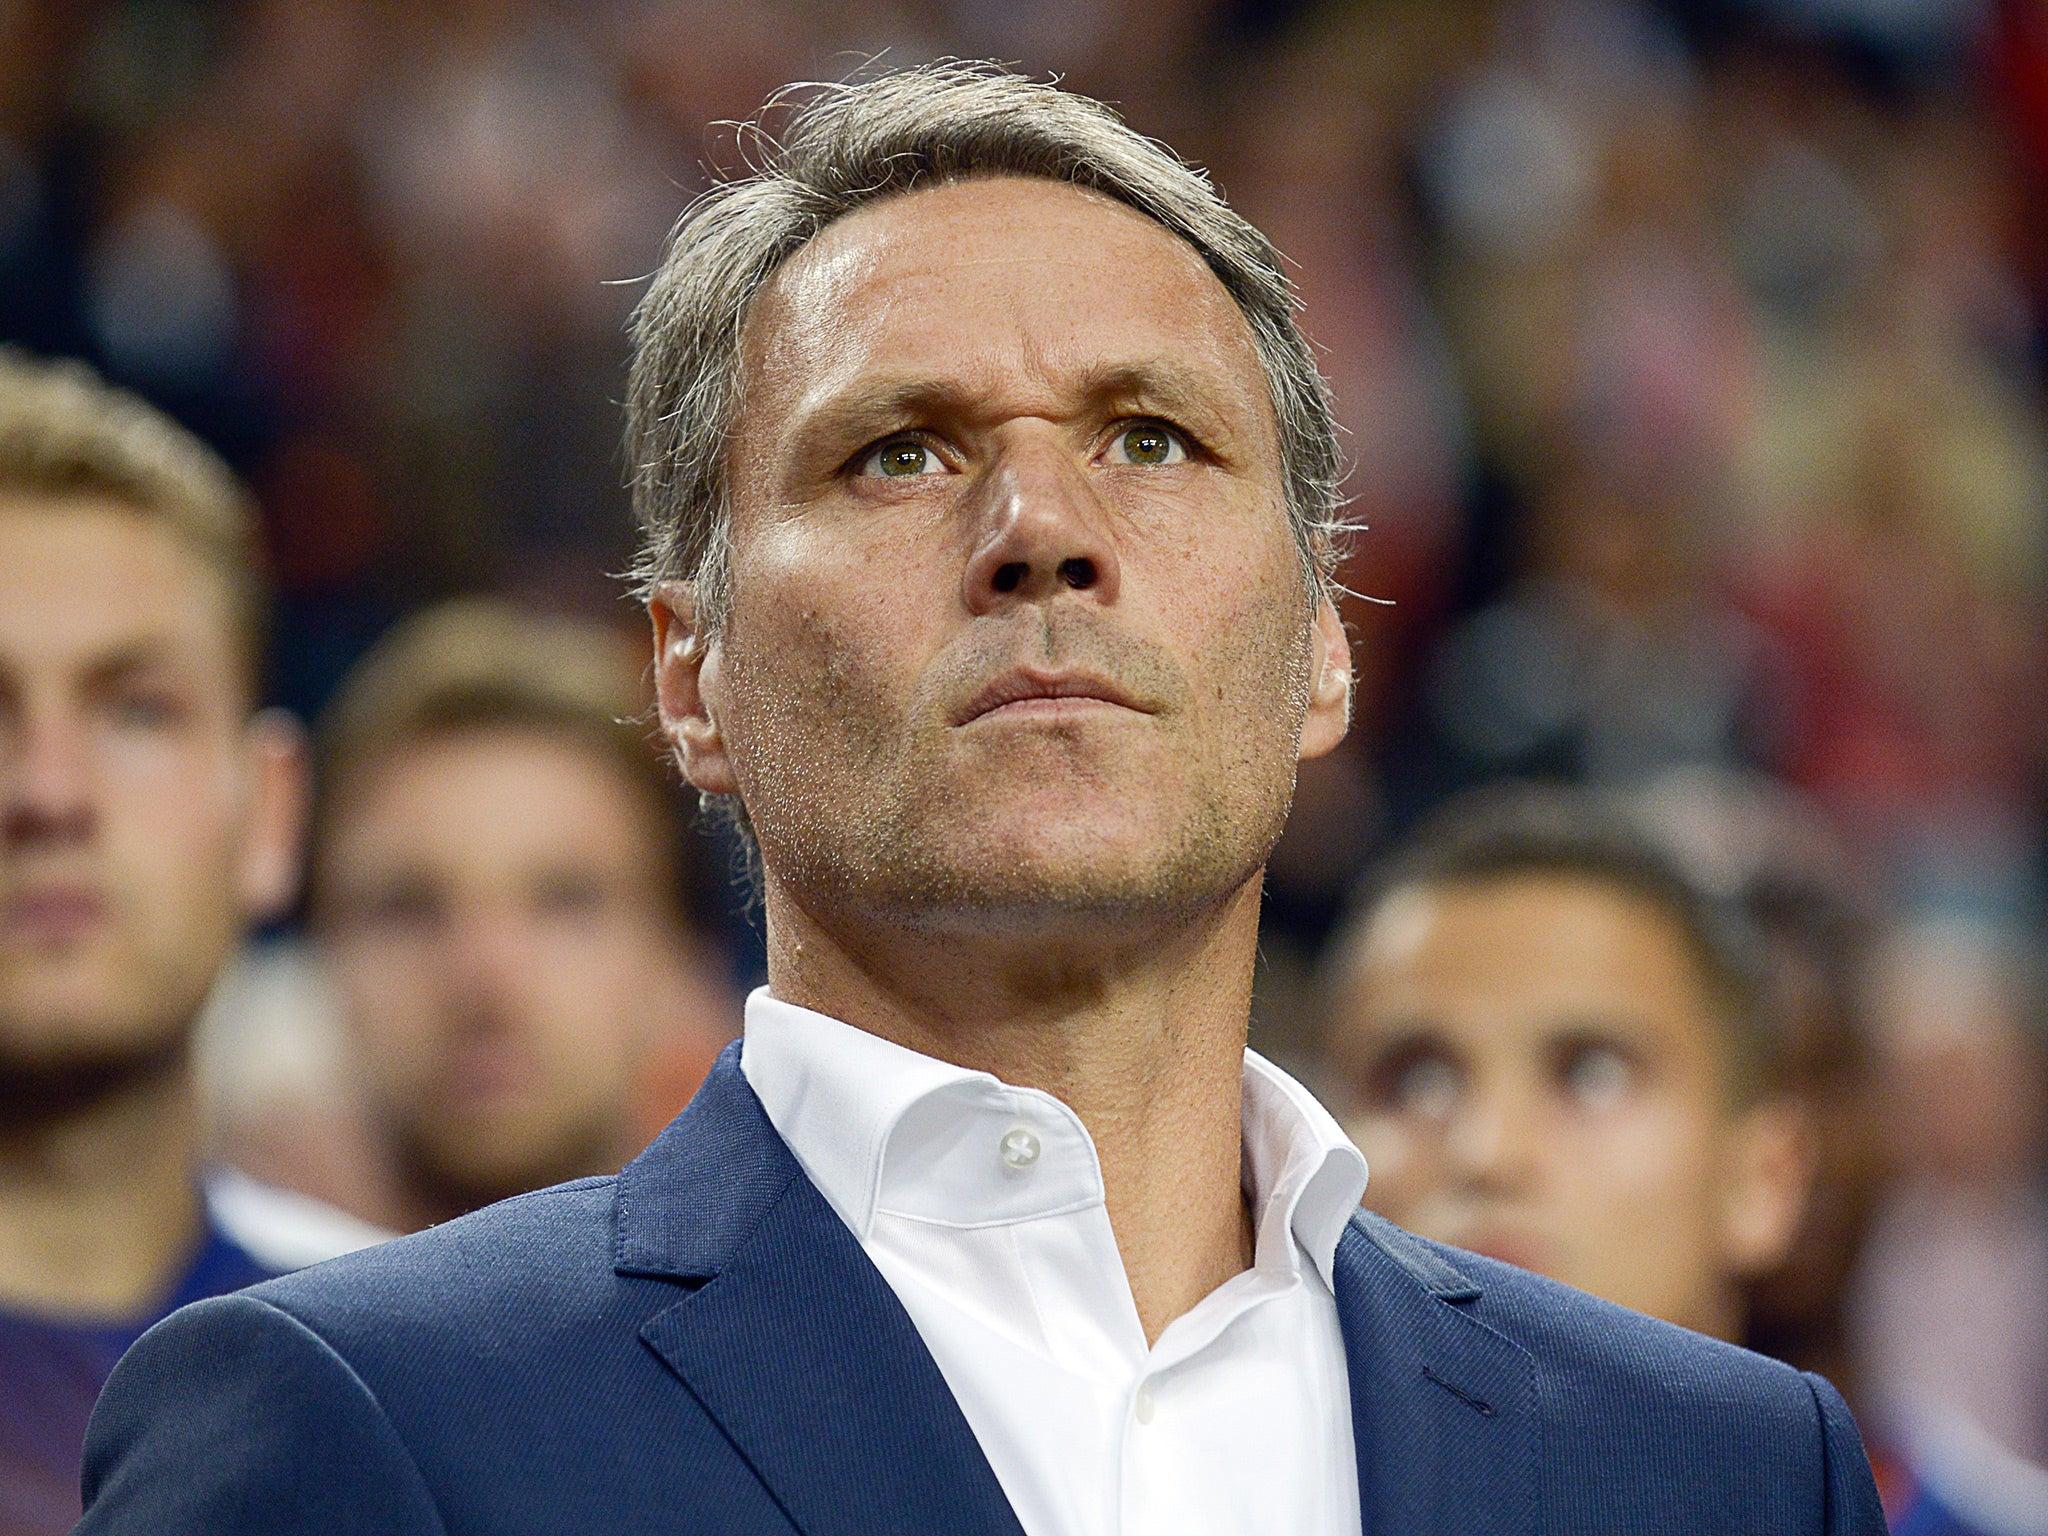 Fifa technical director Marco van Basten suggests scrapping